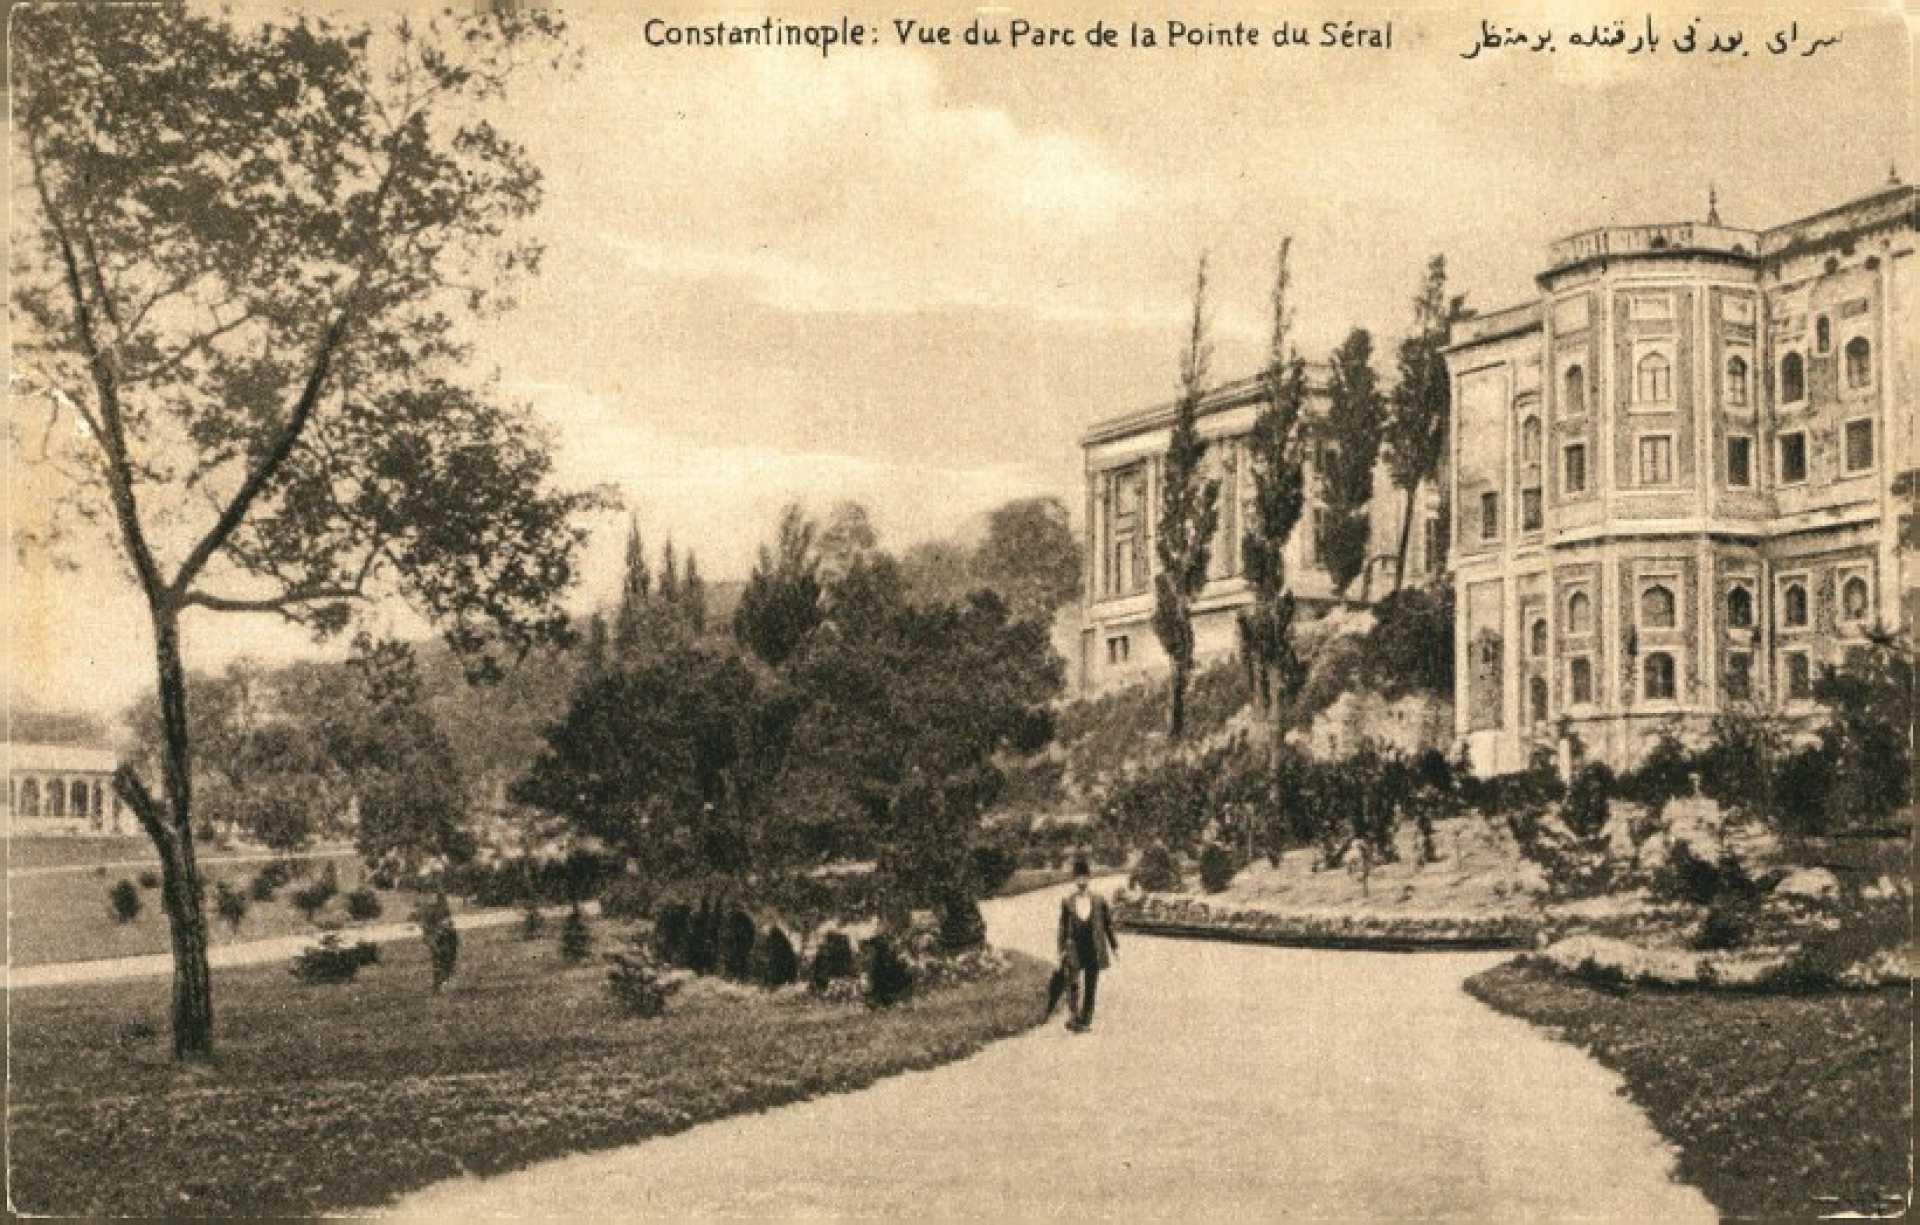 Vue du parc de la Pointe du Seral